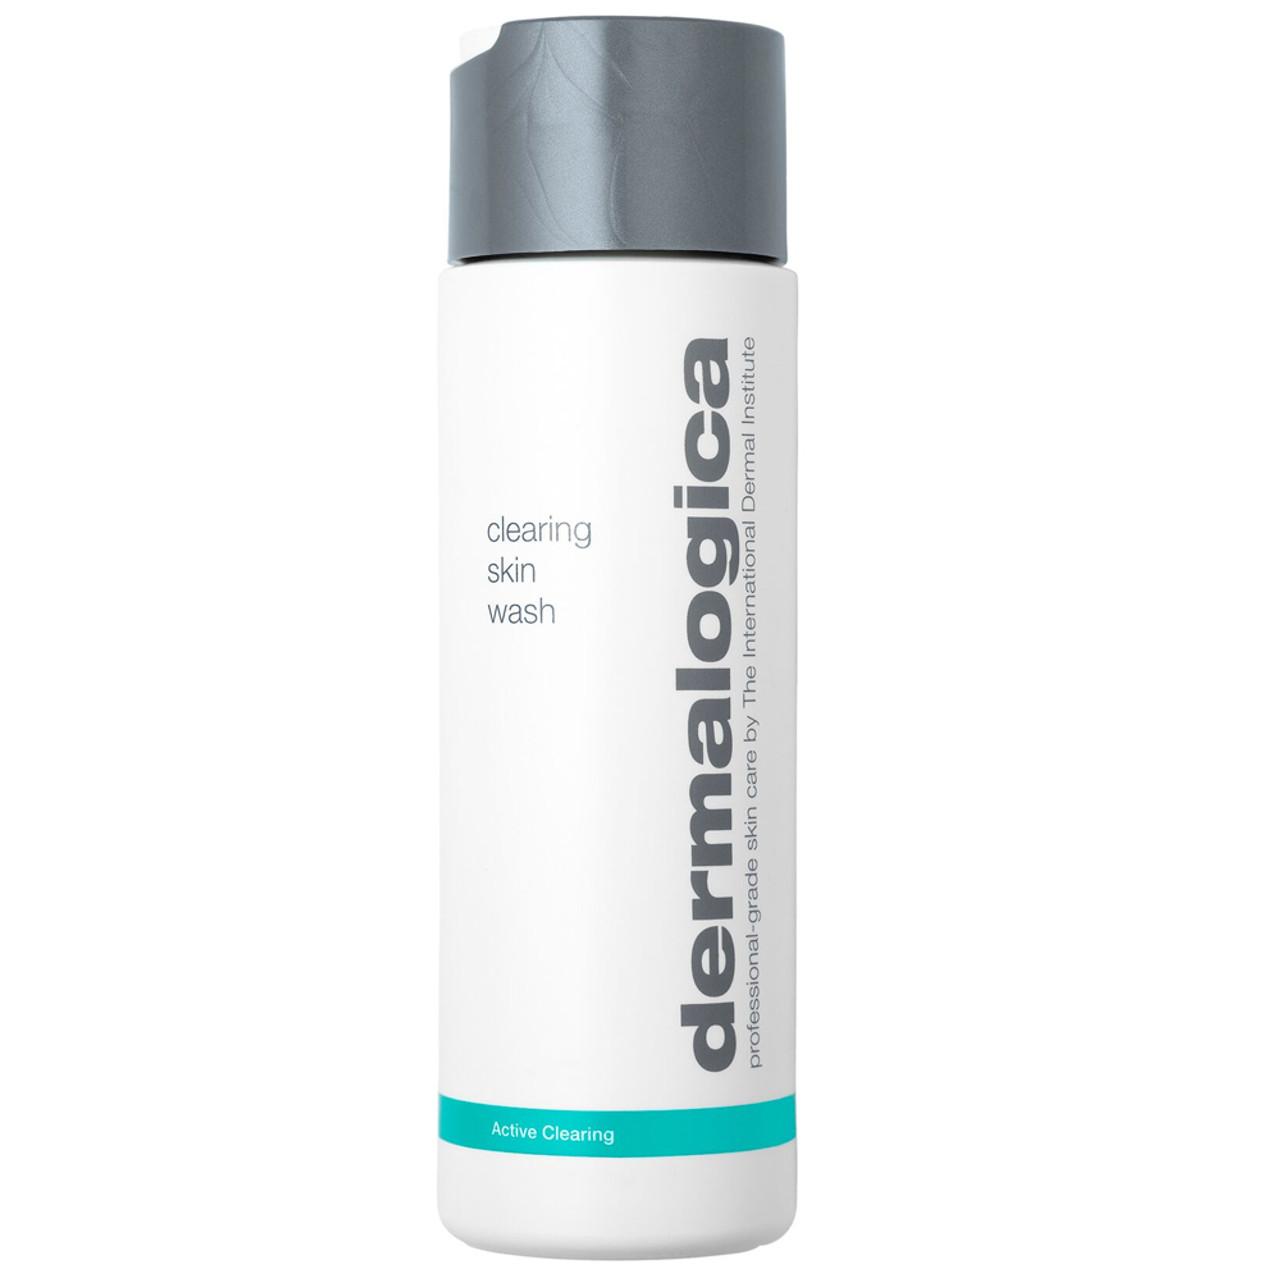 Dermalogica Active Clearing Skin Wash BeautifiedYou.com